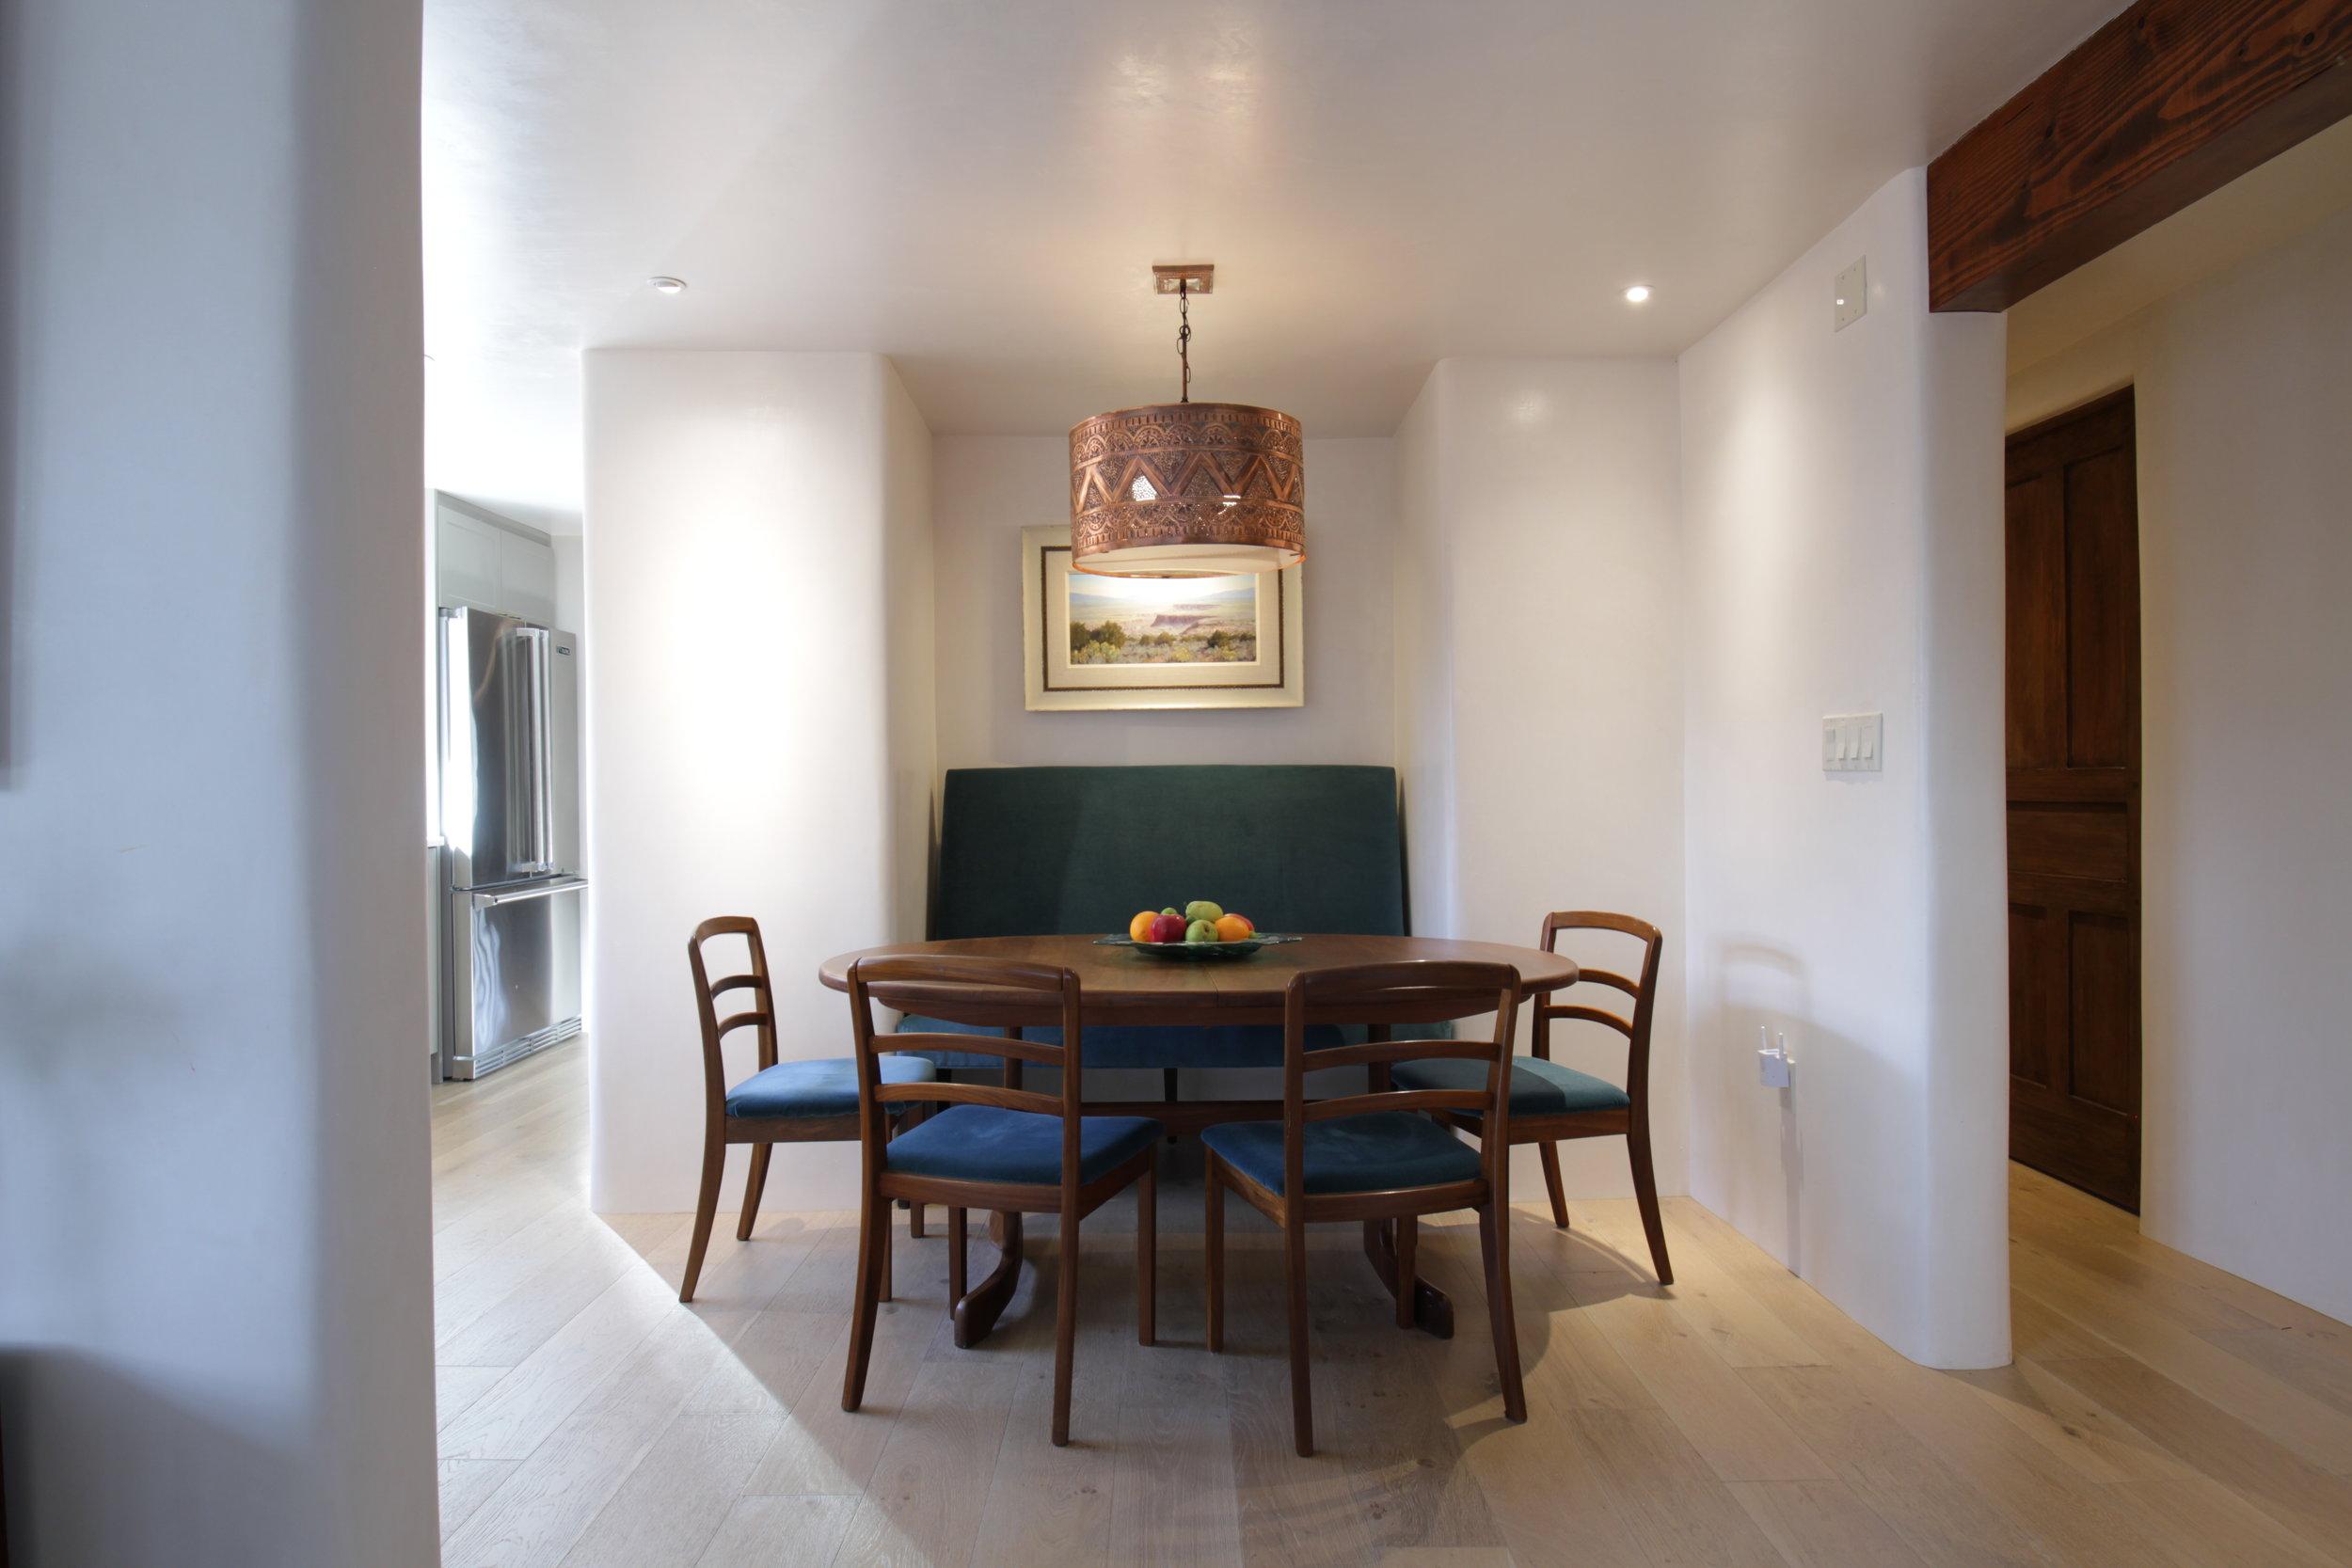 Dining Room Interior.JPG